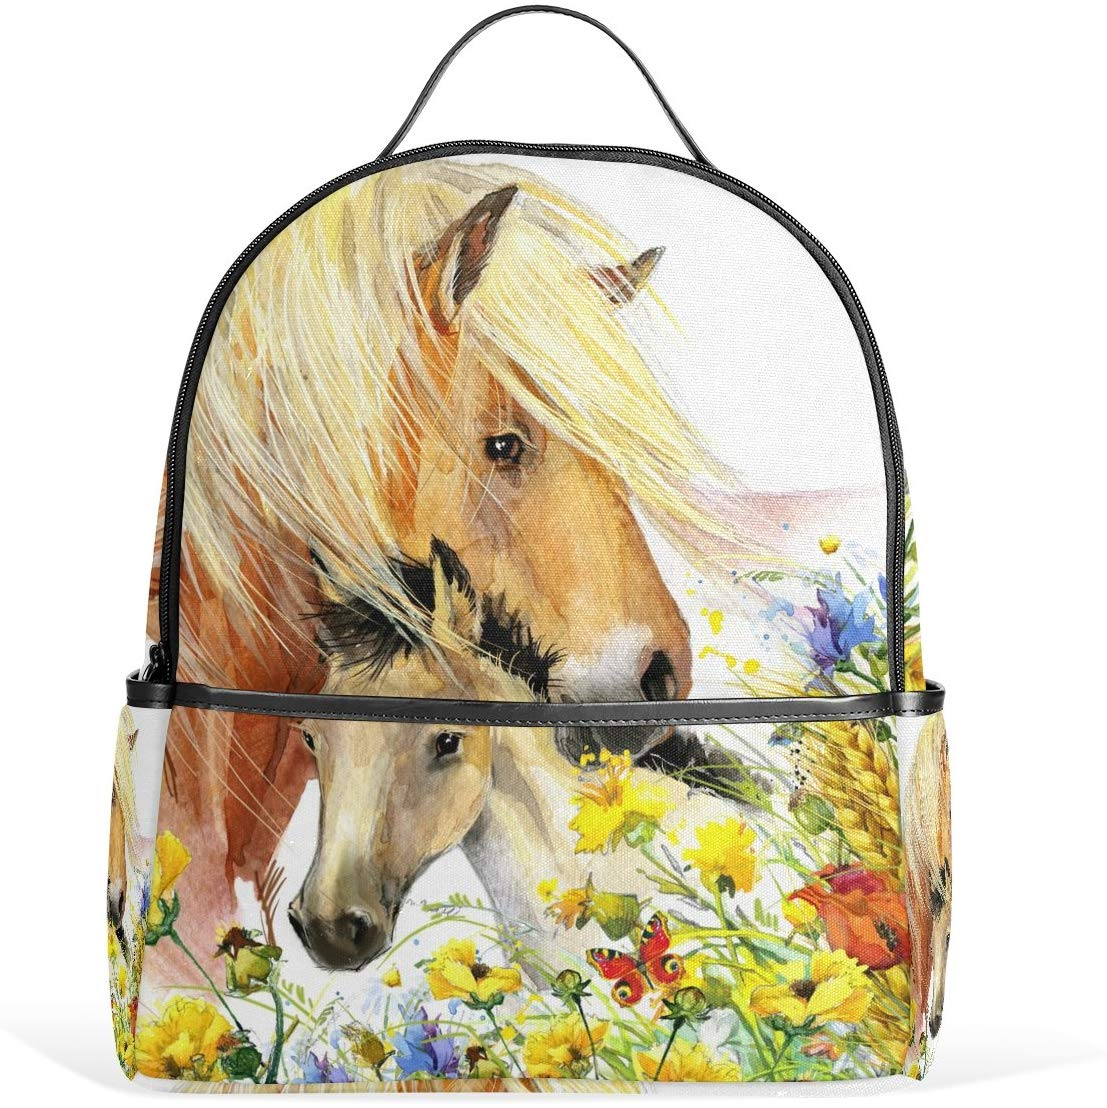 Kids Backpack Children's Day Gift Horse School Backpacks